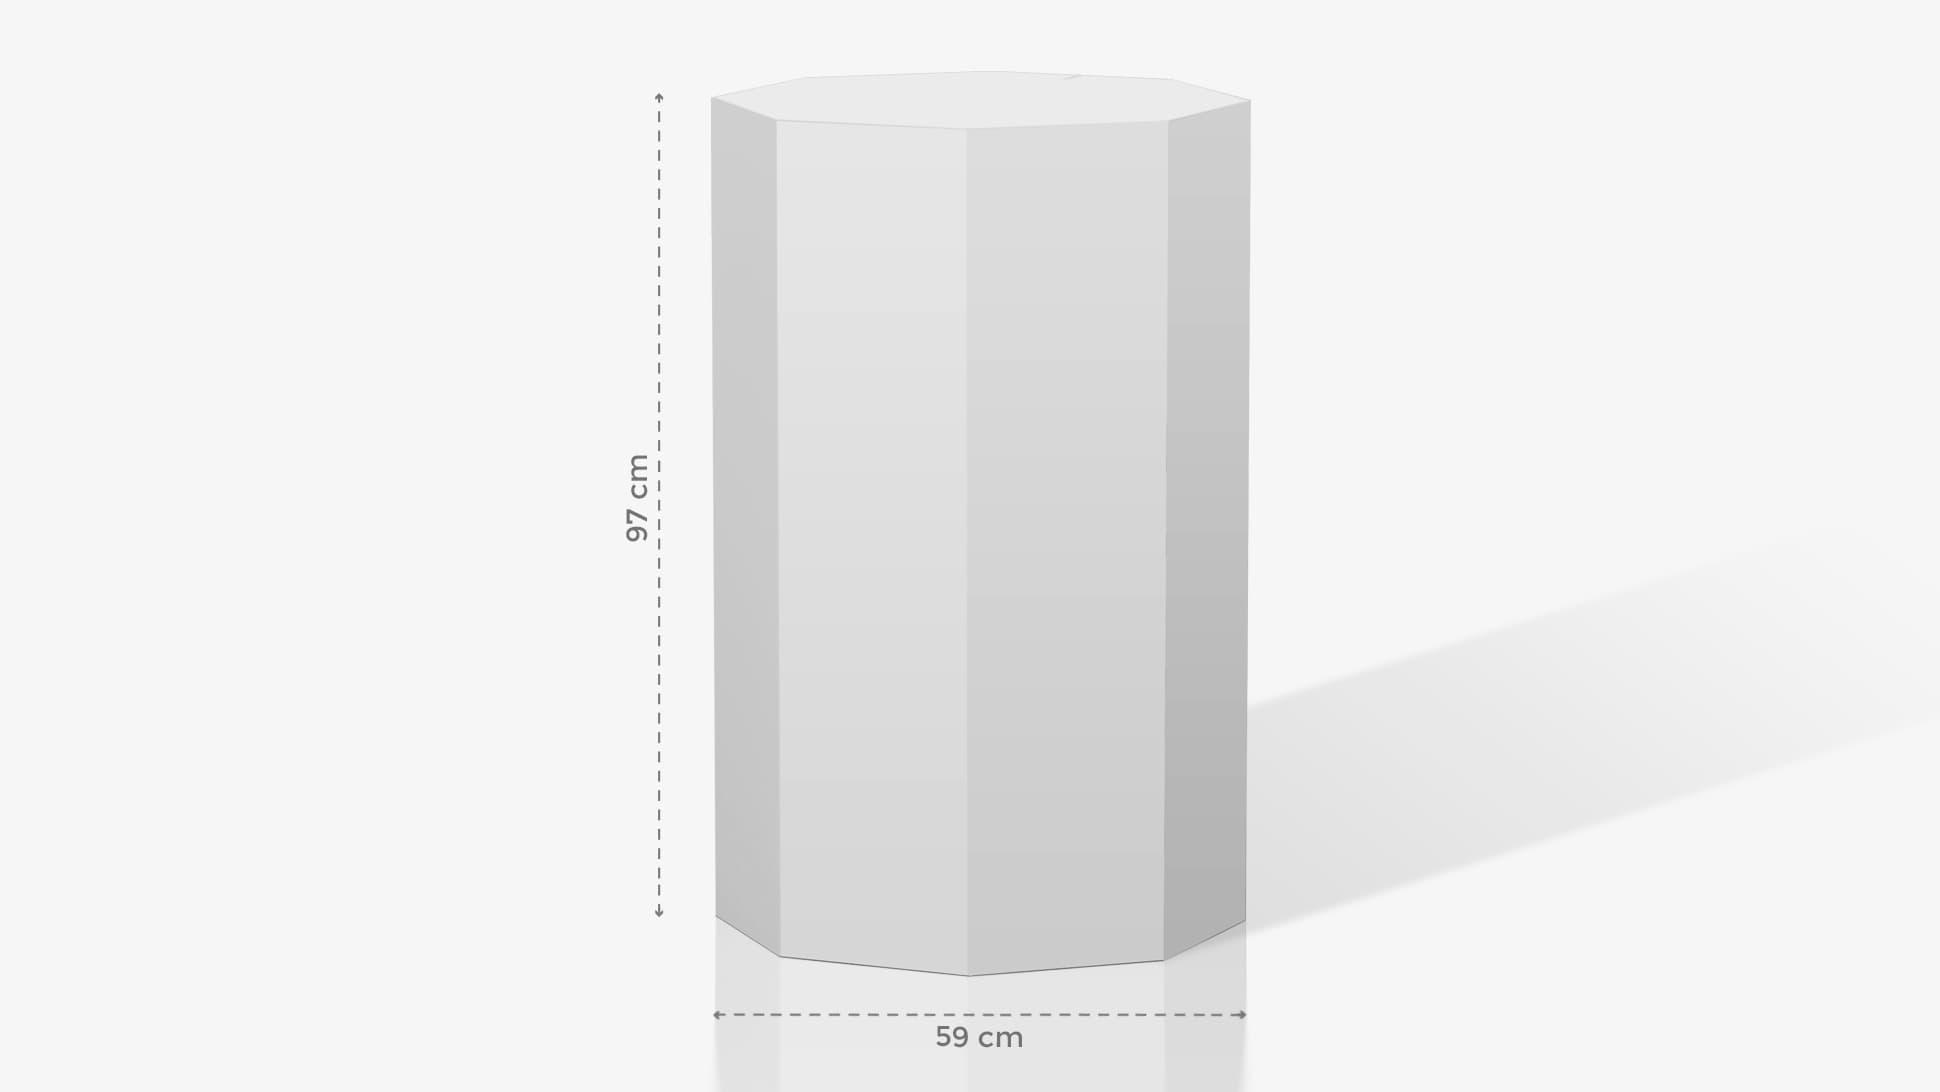 Espositore a ottagono grande – grafica personalizzata | tictac.it